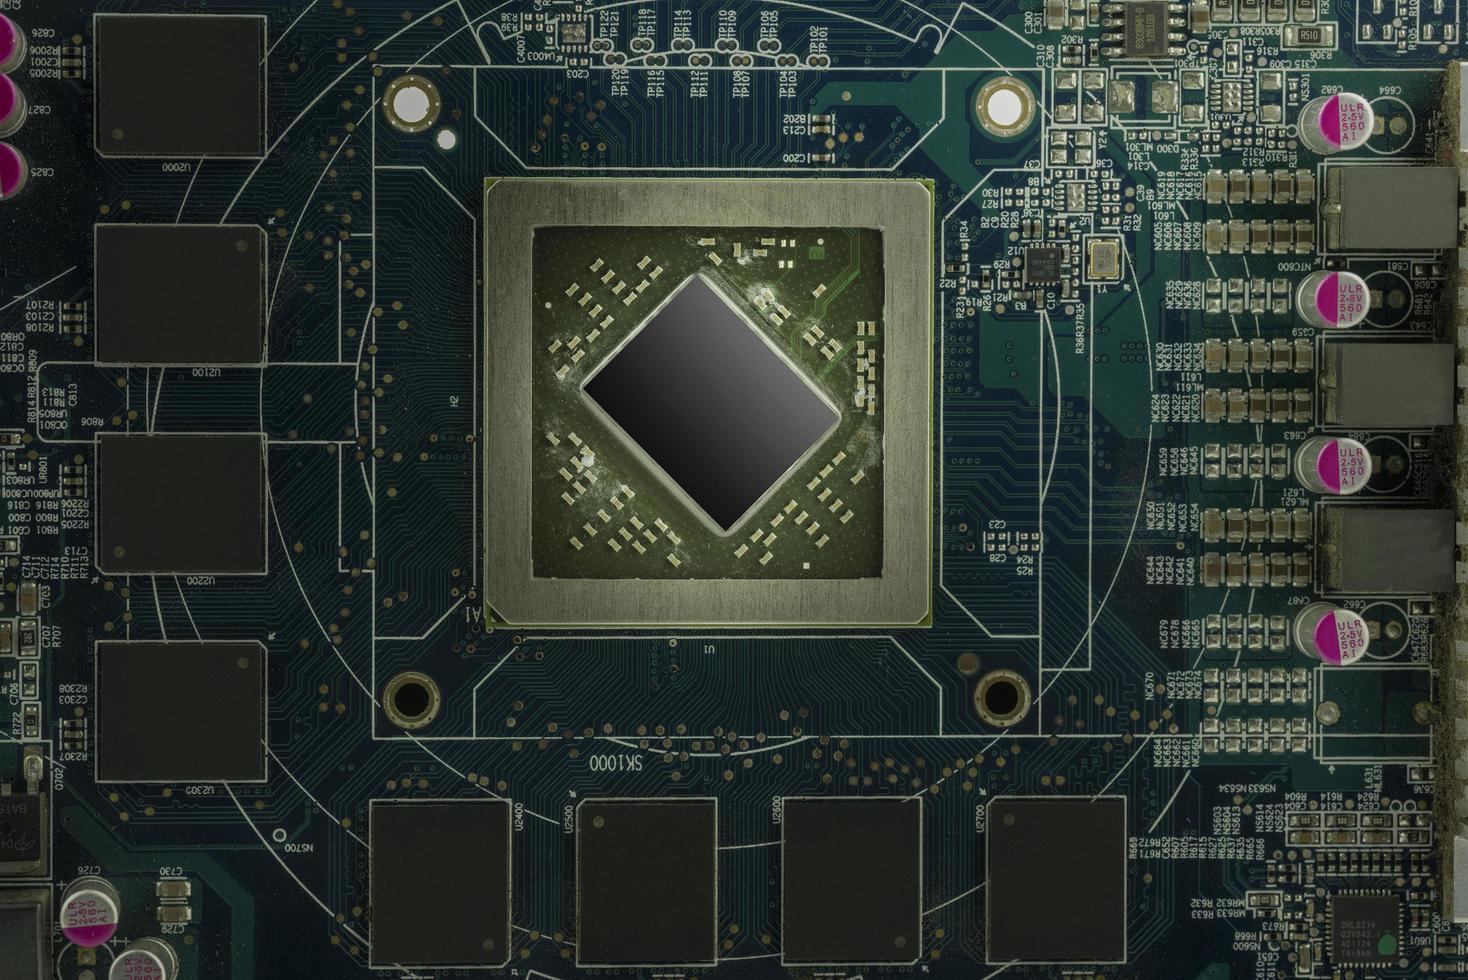 elektronische Leiterplatte mit Prozessor foto